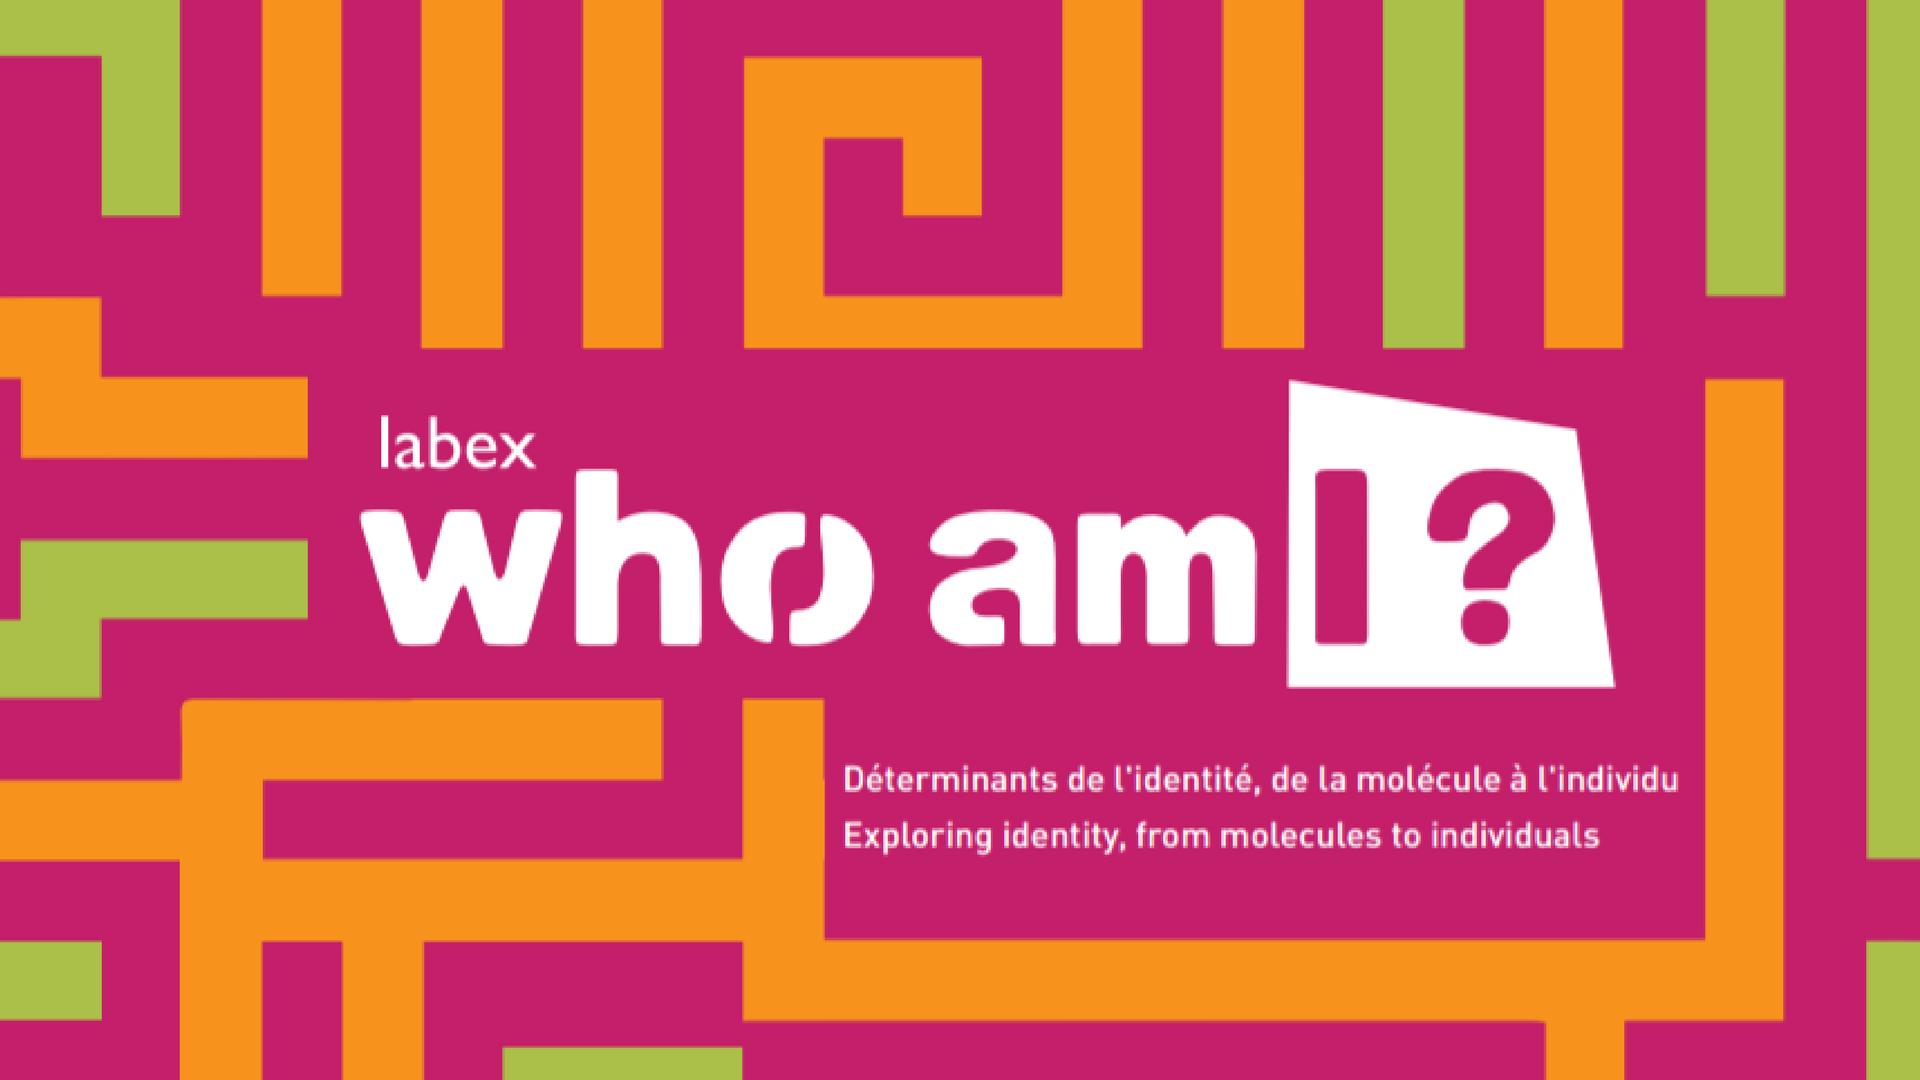 LabEx who am i